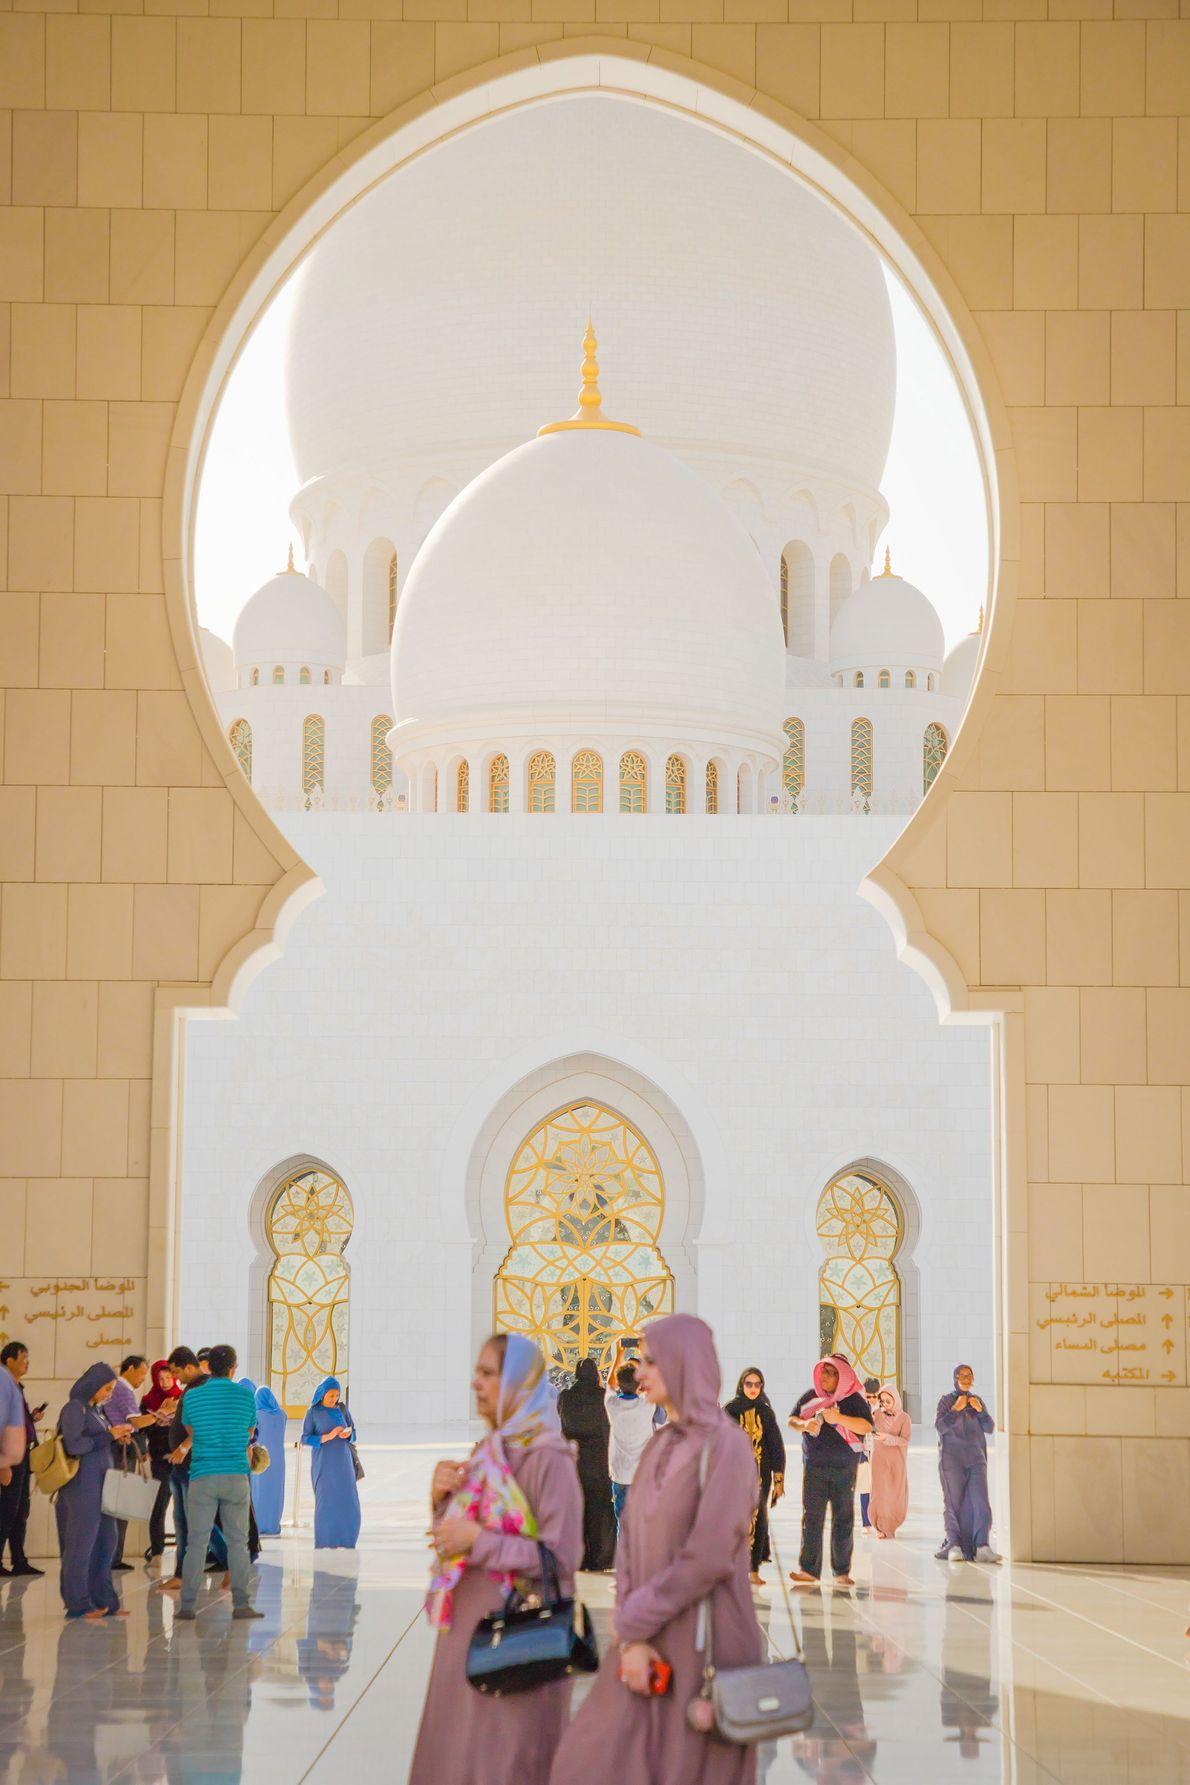 Todos os anos, milhões de pessoas visitam a impressionante Grande Mesquita Sheikh Zayed. Projetada pelo arquiteto ...